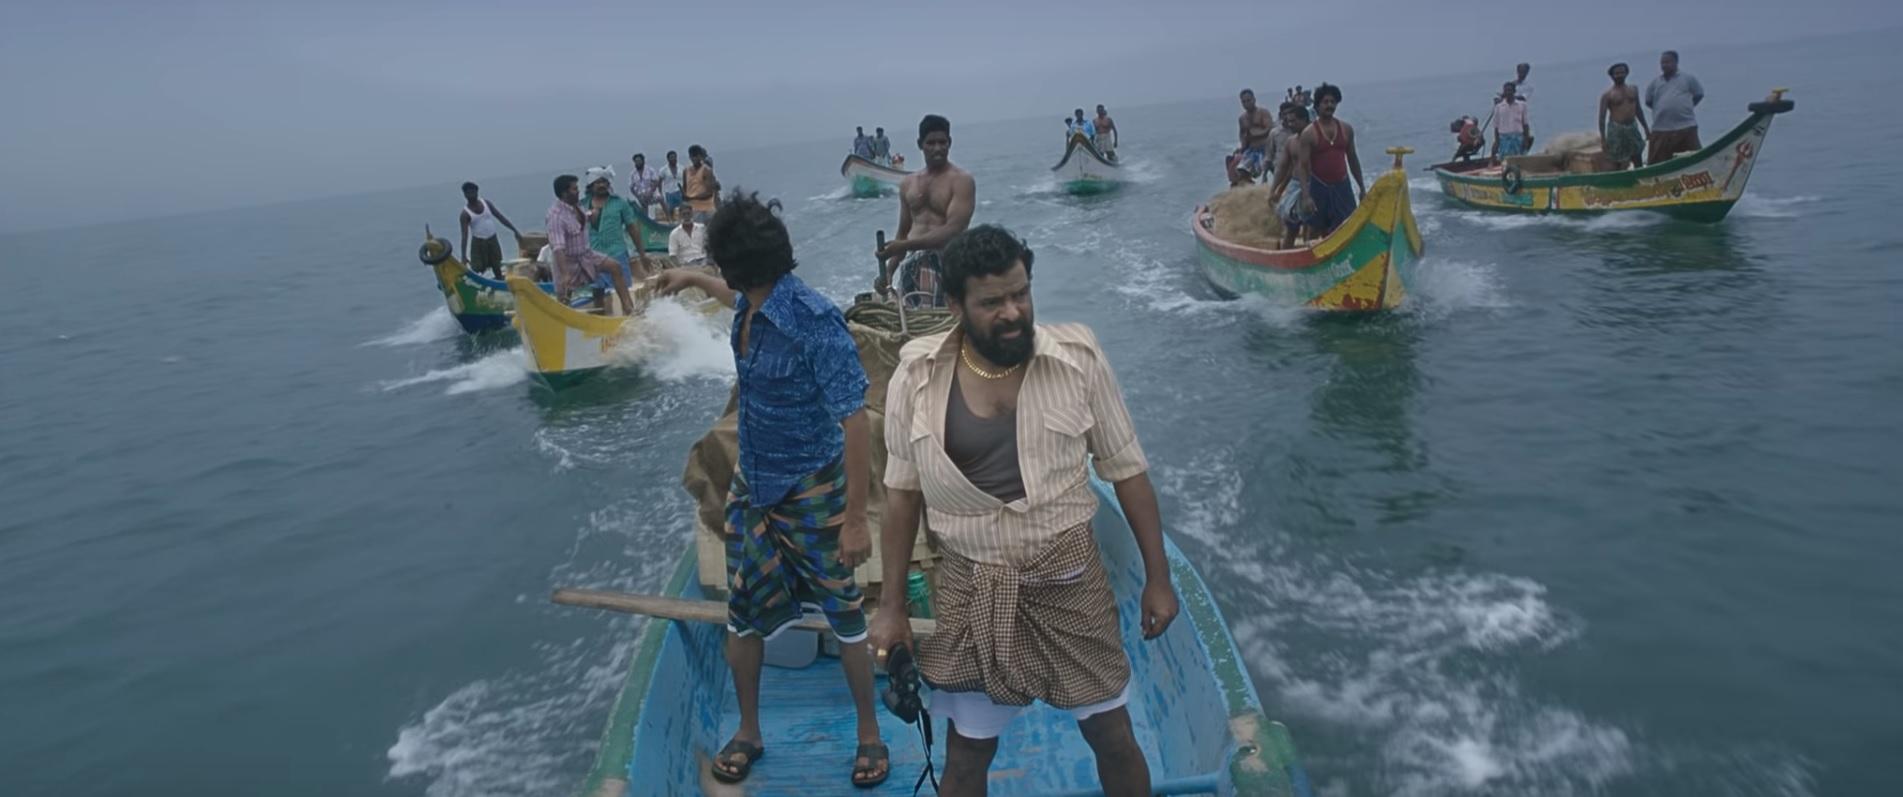 Vada Chennai characters